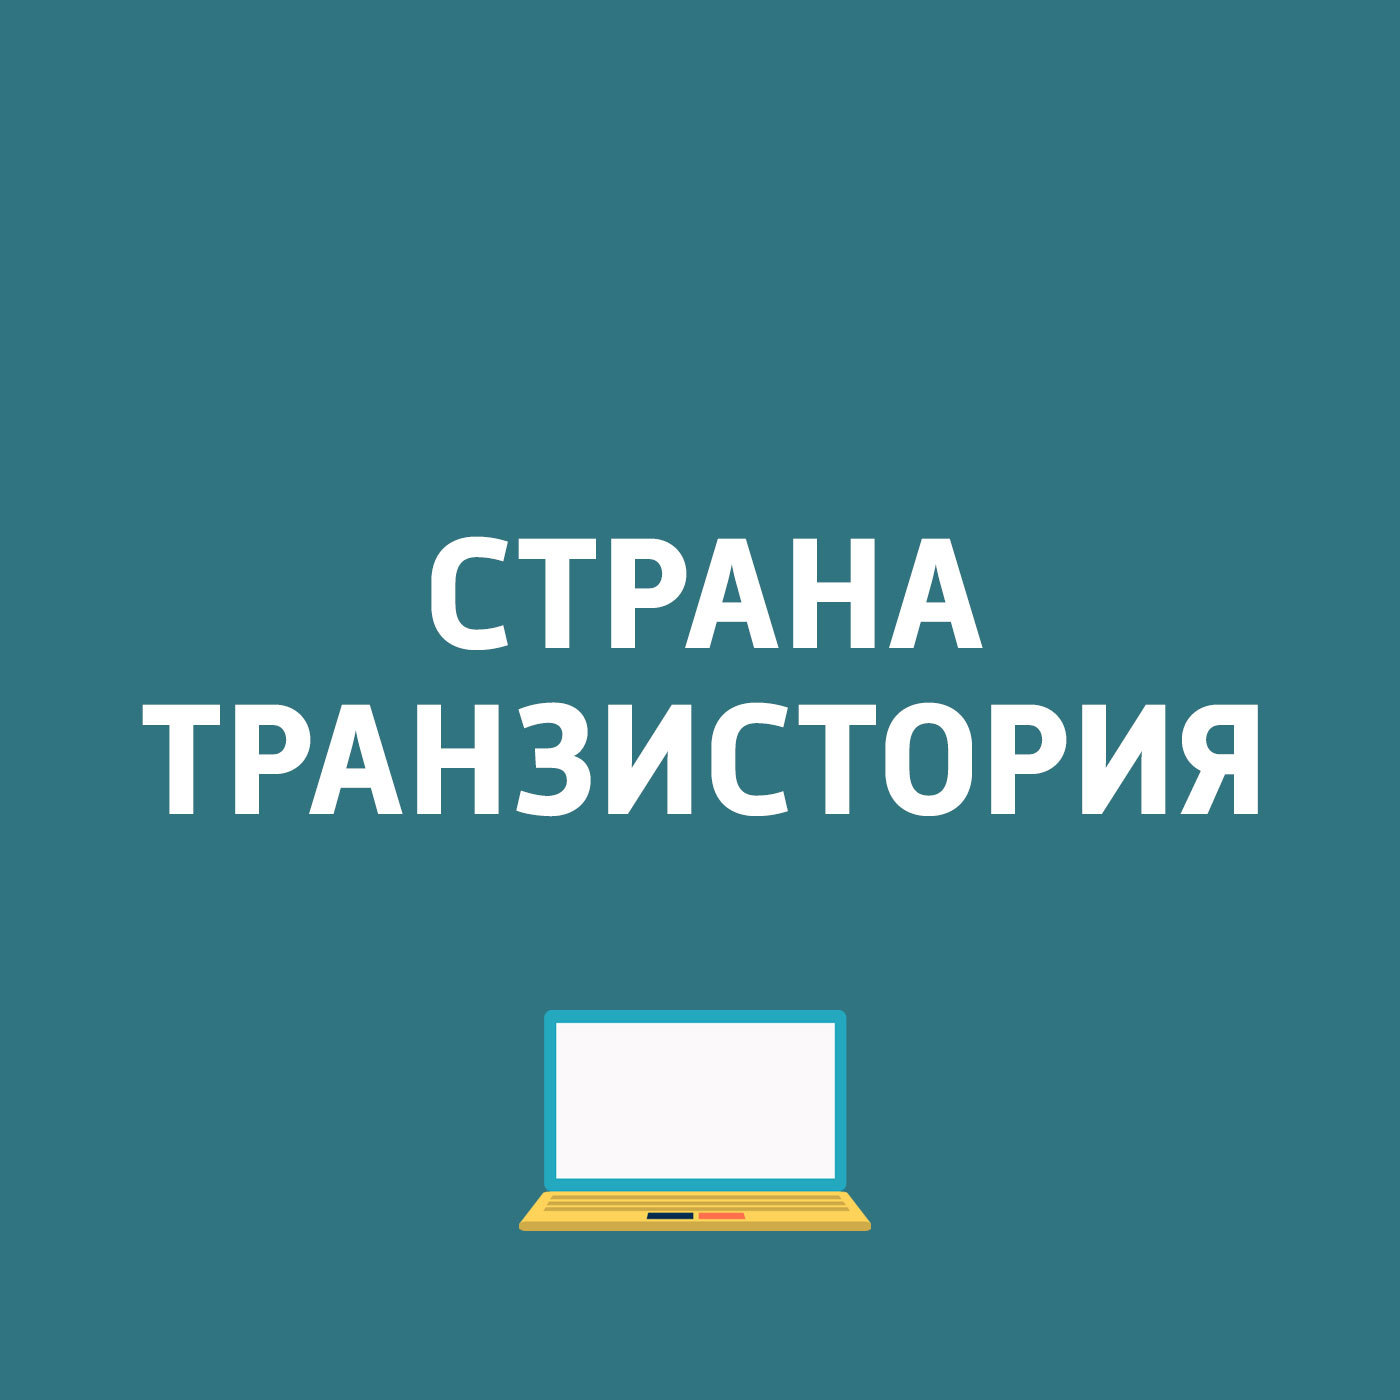 Картаев Павел Сбербанк и Яндекс запустили бета-версию нового маркета «Беру» картаев павел xperia xz2 и xperia xz2 compact